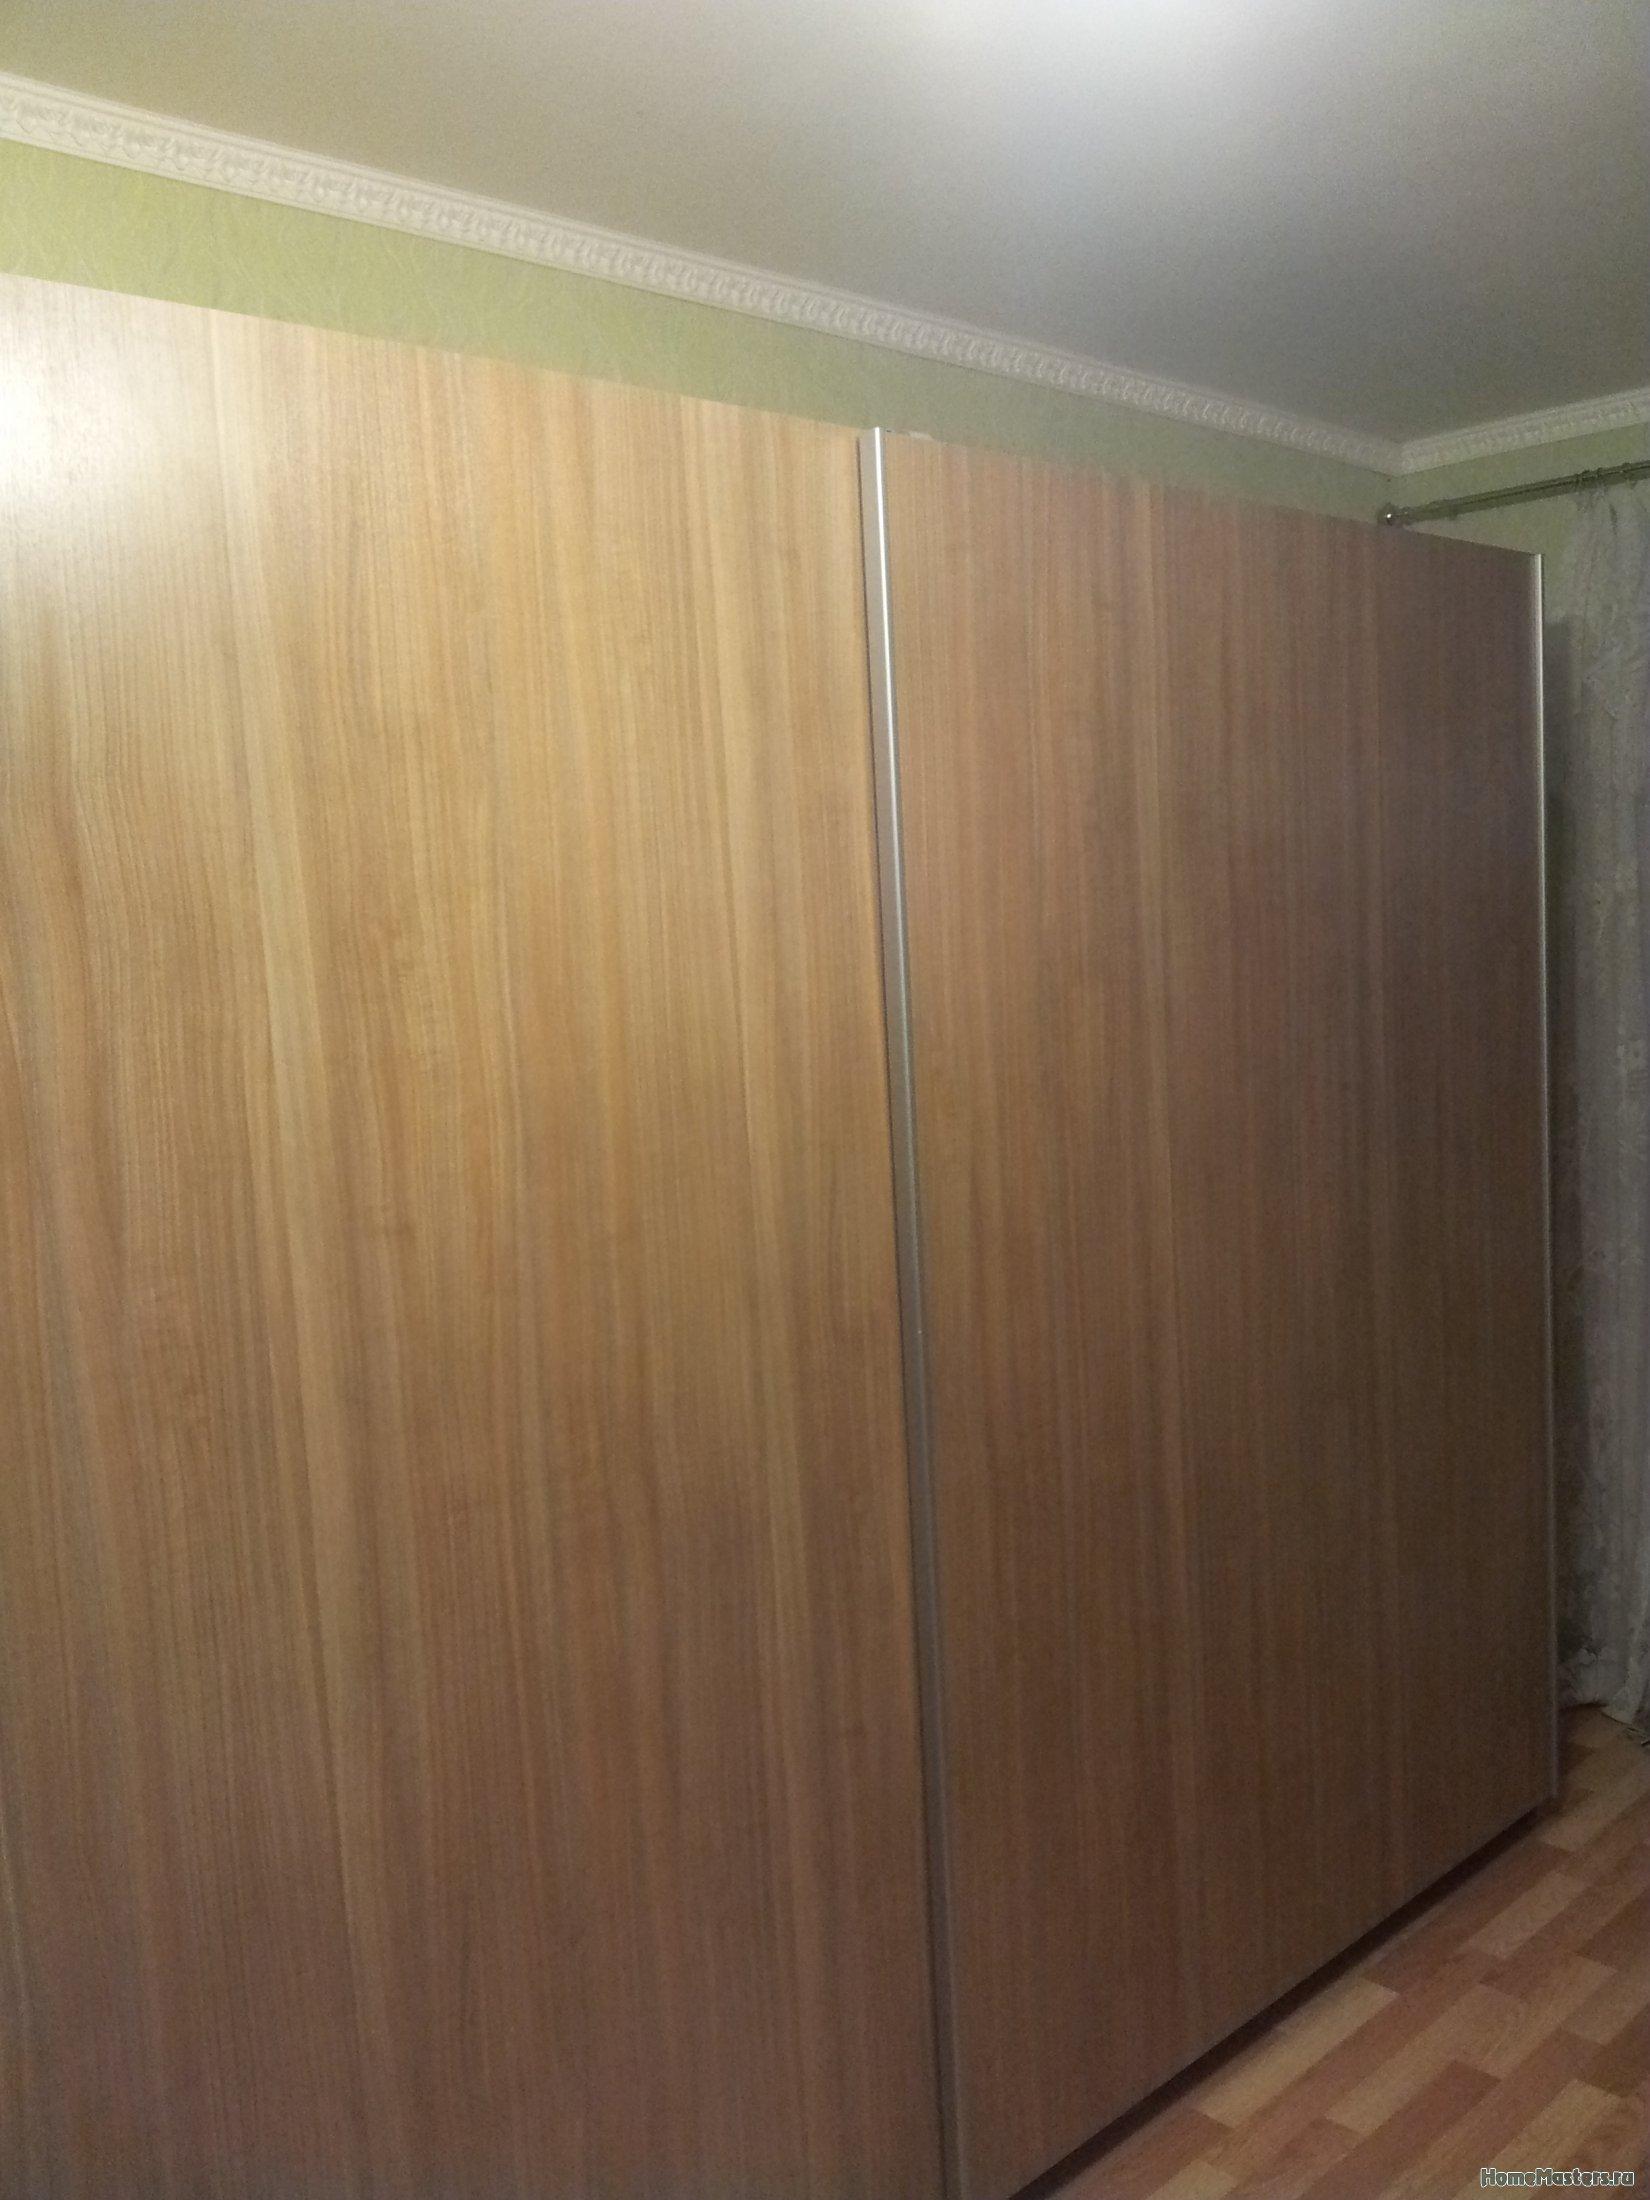 Антресоль на шкаф — есть ли смысл ?